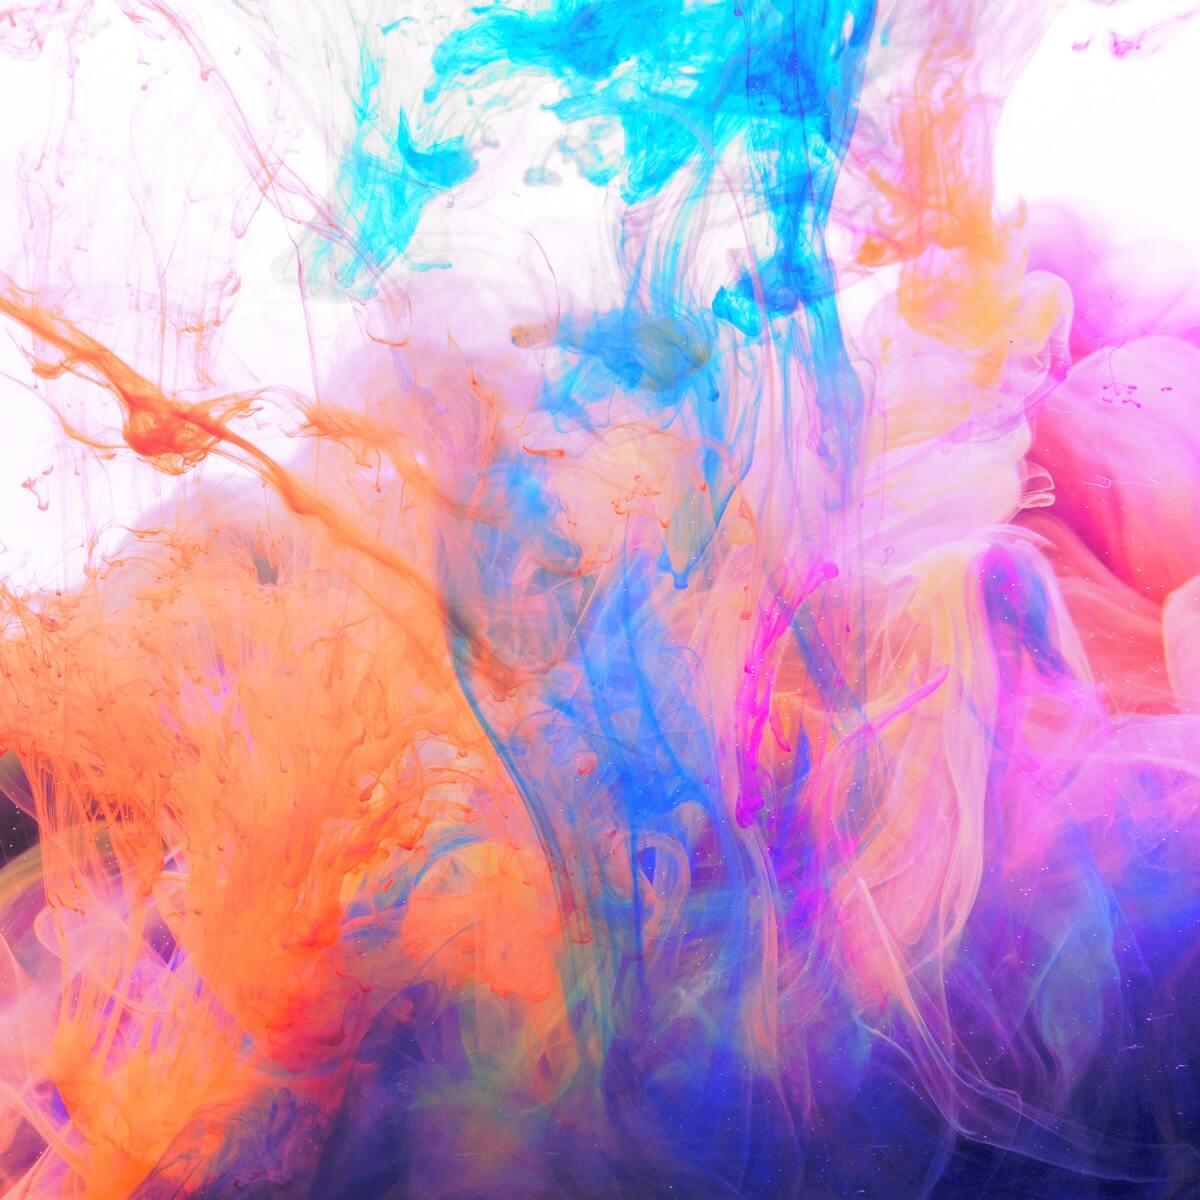 染料が水の中で混ざっている様子。